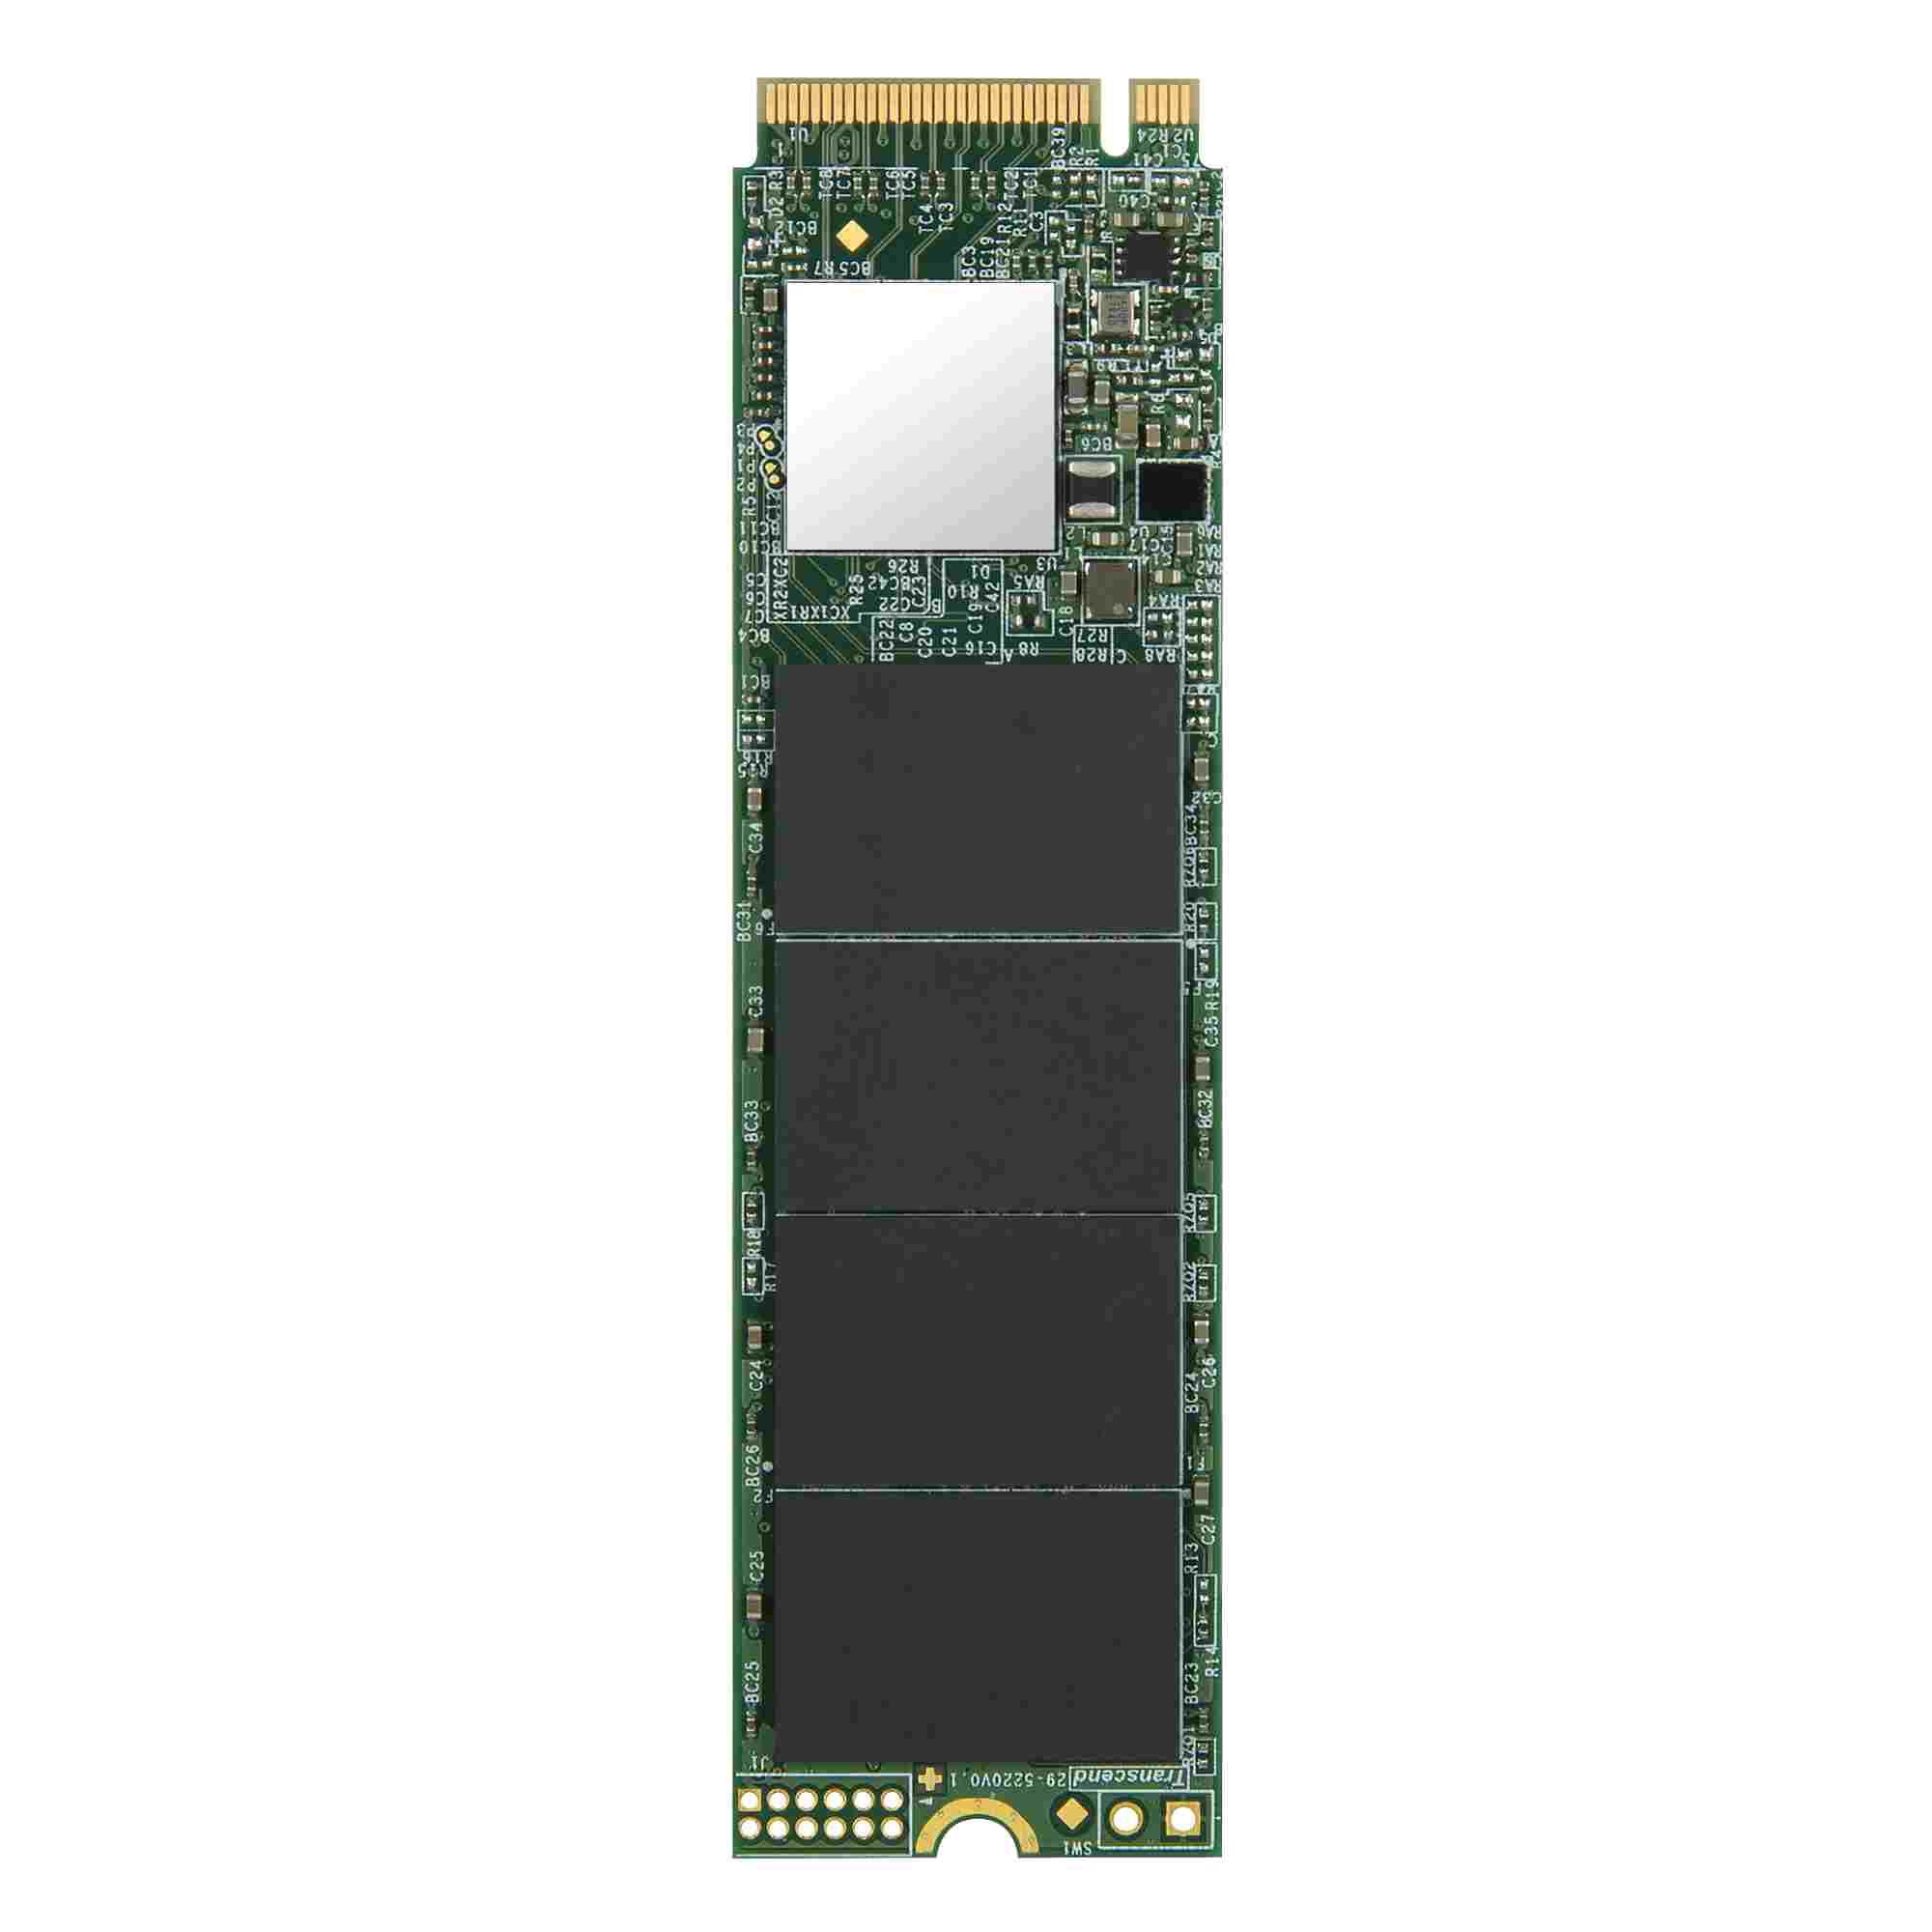 TRANSCEND M.2 SSD 110S, 256GB, M.2 2280, PCIe Gen3x4, 3D TLC, DRAM-less